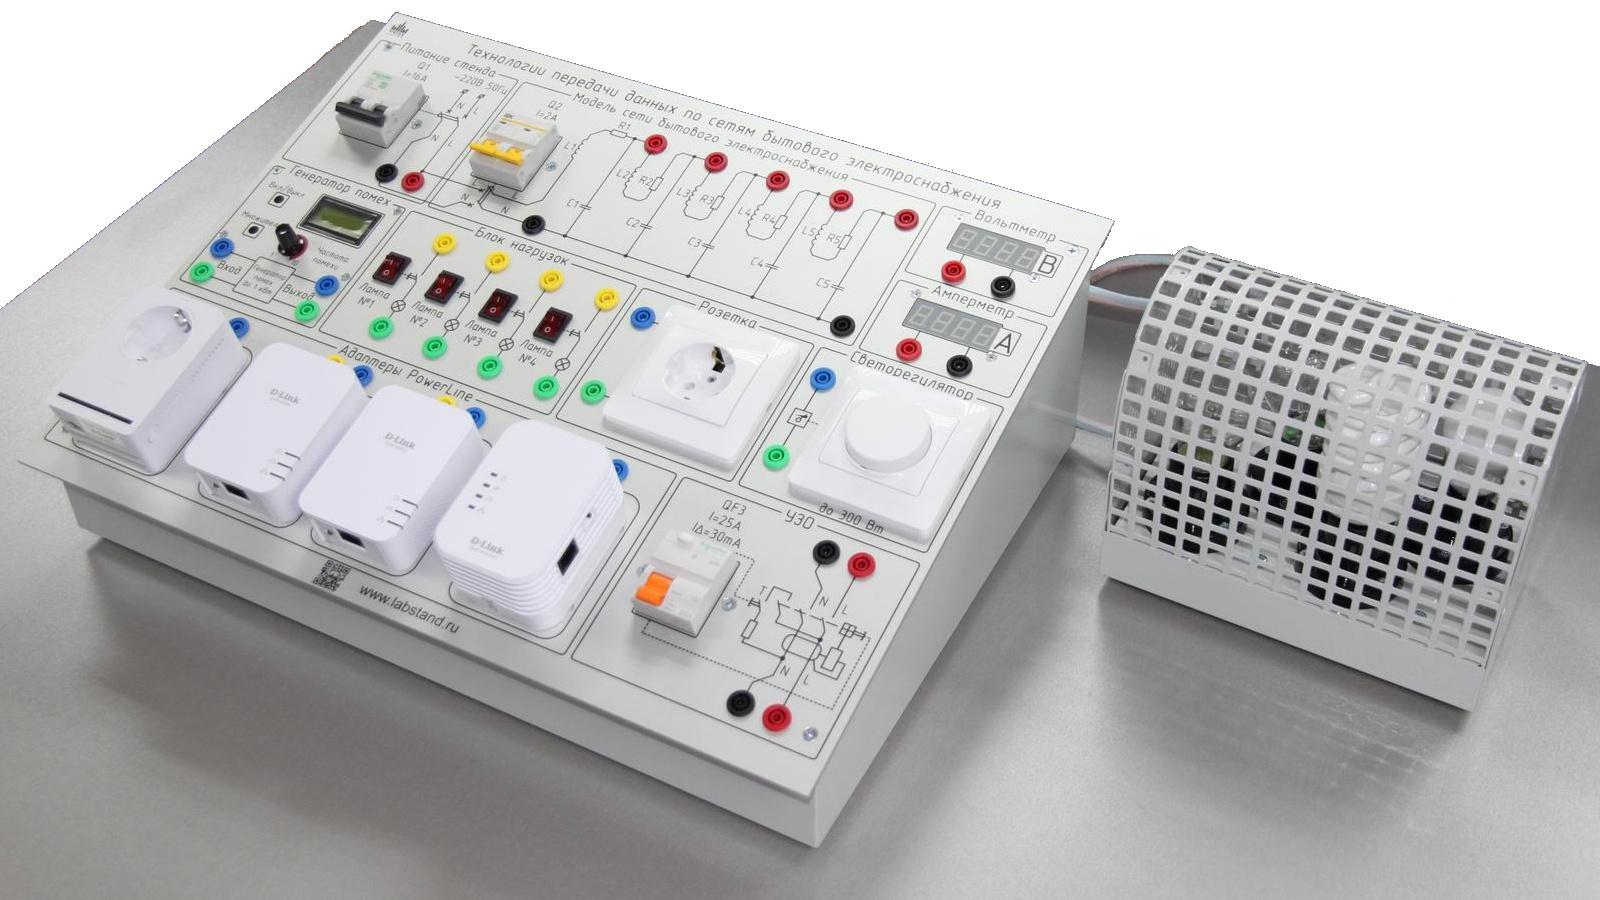 Технология передачи данных PowerLine по сетям бытового электроснабжения